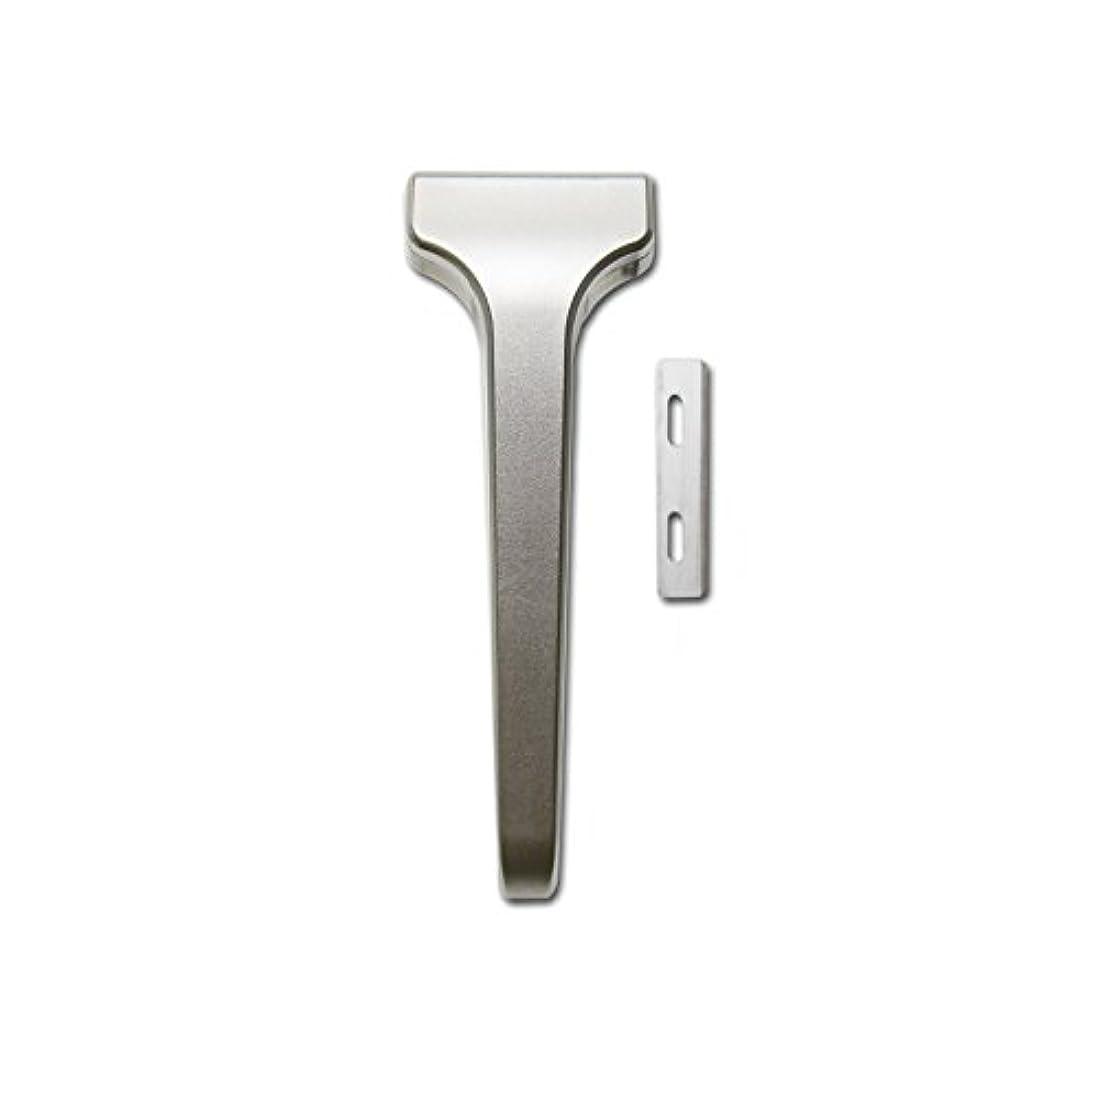 拡大する省略腕SUPPLY The Single Edge 2.0 片刃カミソリ 剃刀 インジェクター刃互換 (クラシックマット, 本体+替刃 20枚付)